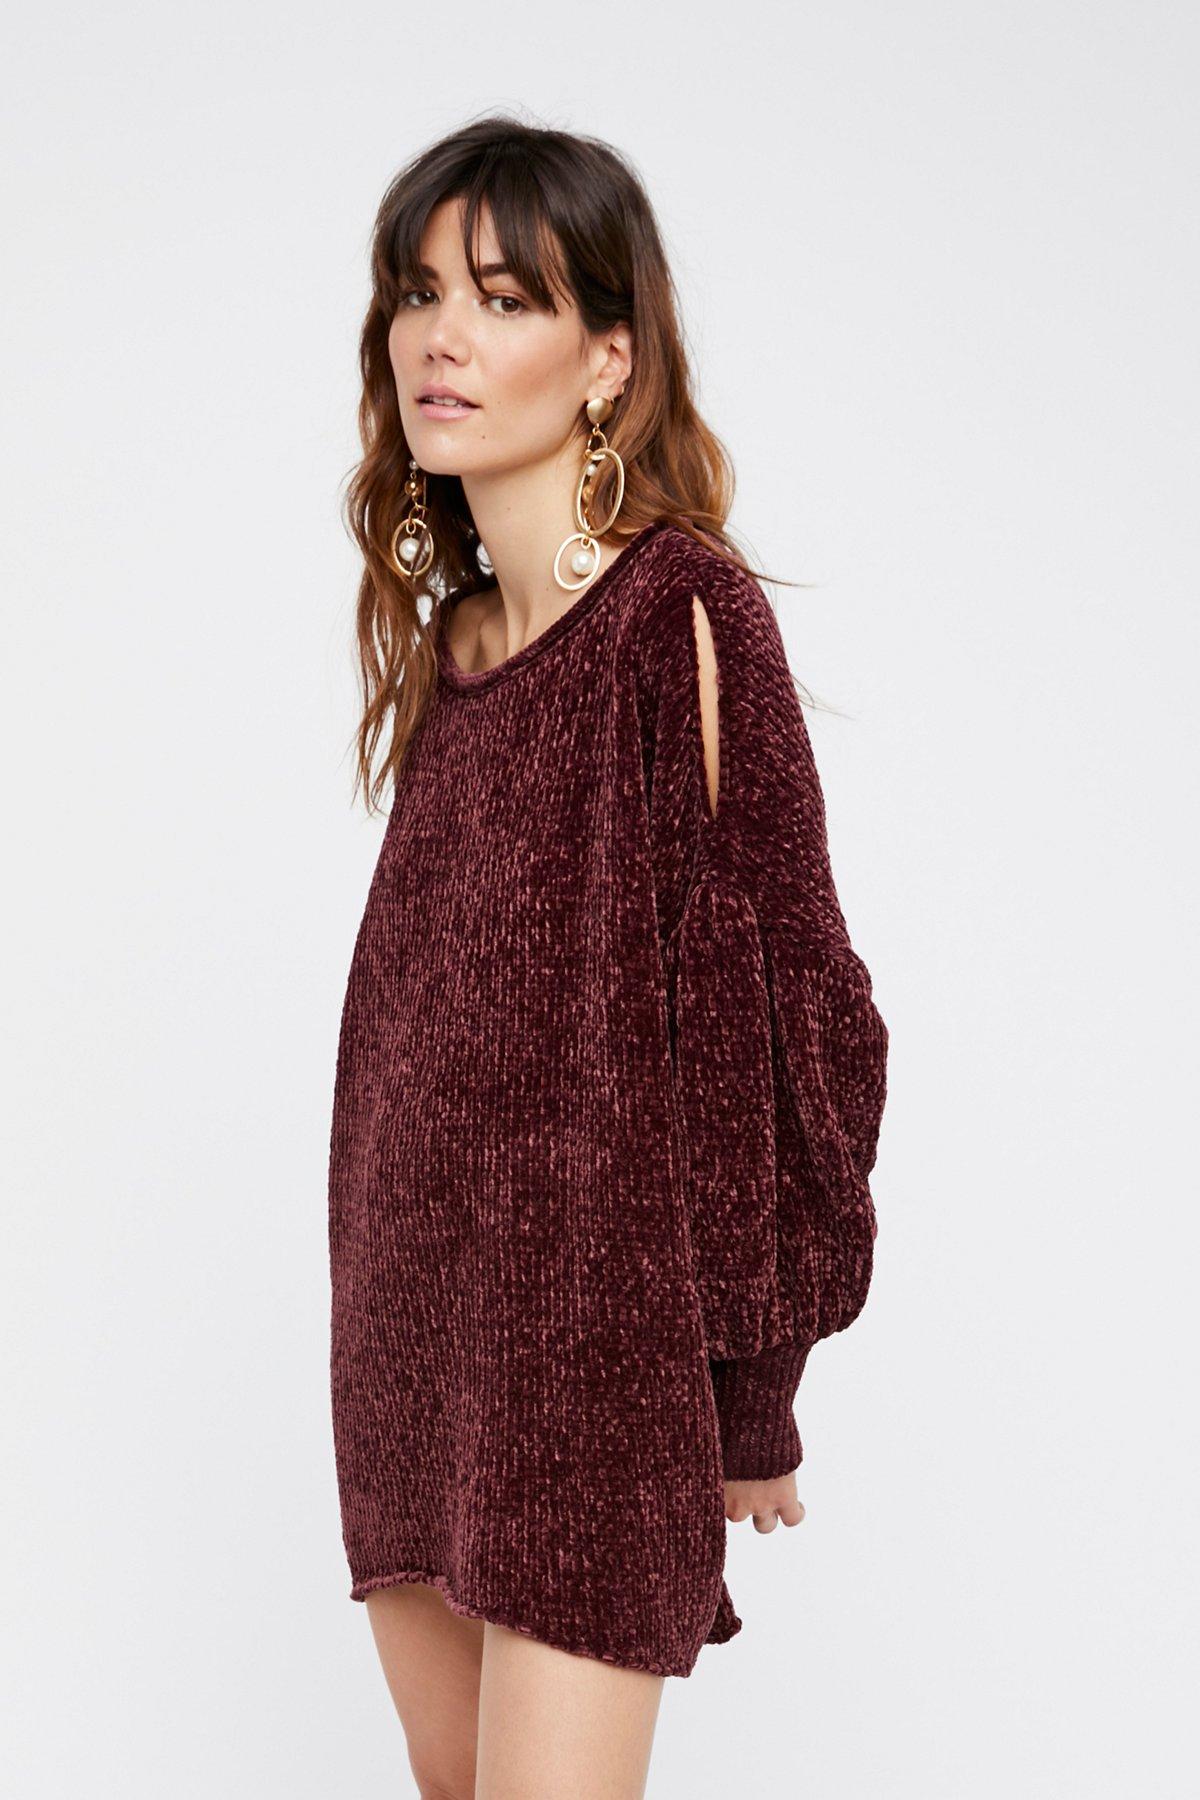 Moonbeam Pullover